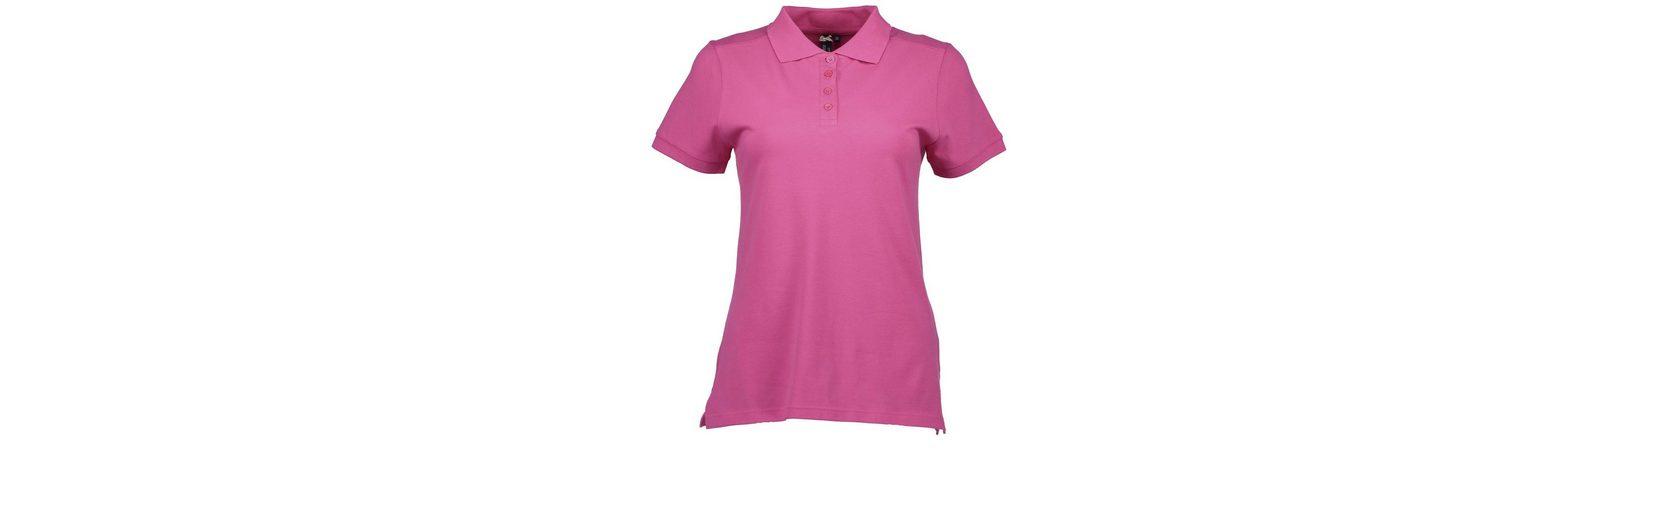 Verkauf Neuer Stile Freies Verschiffen Countdown-Paket Blue Seven Poloshirt aus hochwertiger Baumwolle z31YI